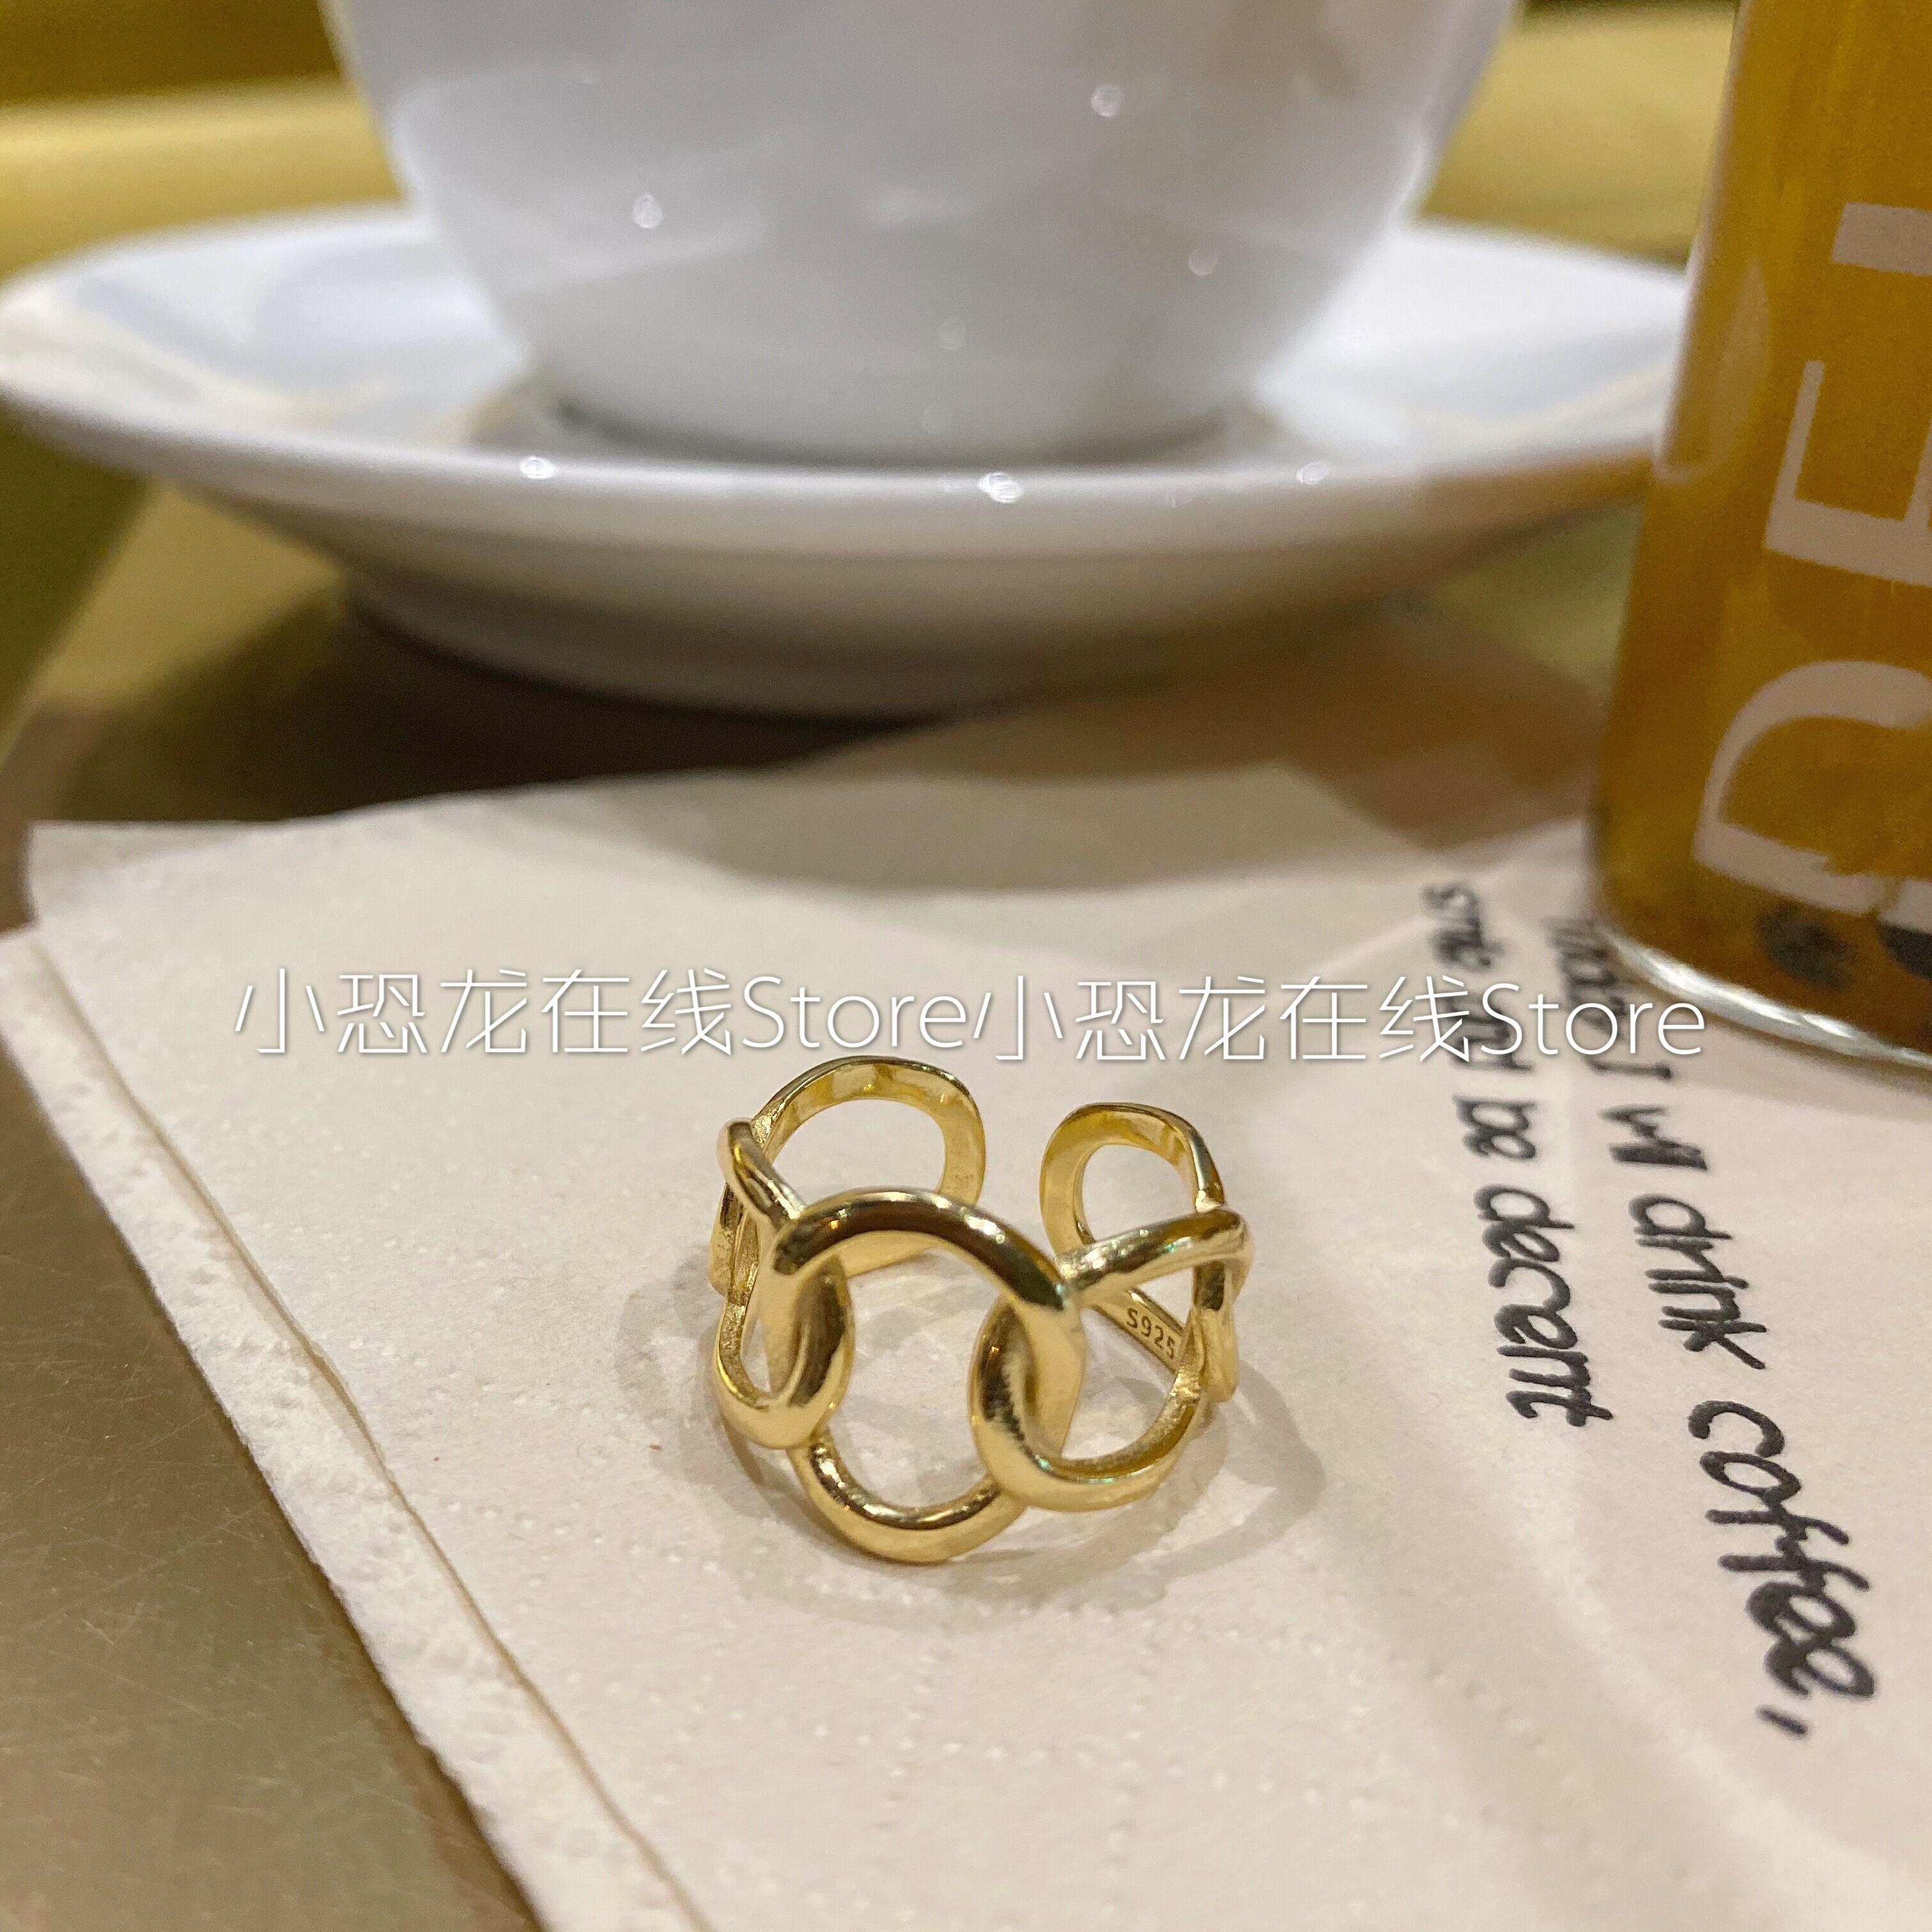 韩国东大门同款925纯银镂空戒指女镀金个性简约锁链食指指环包邮